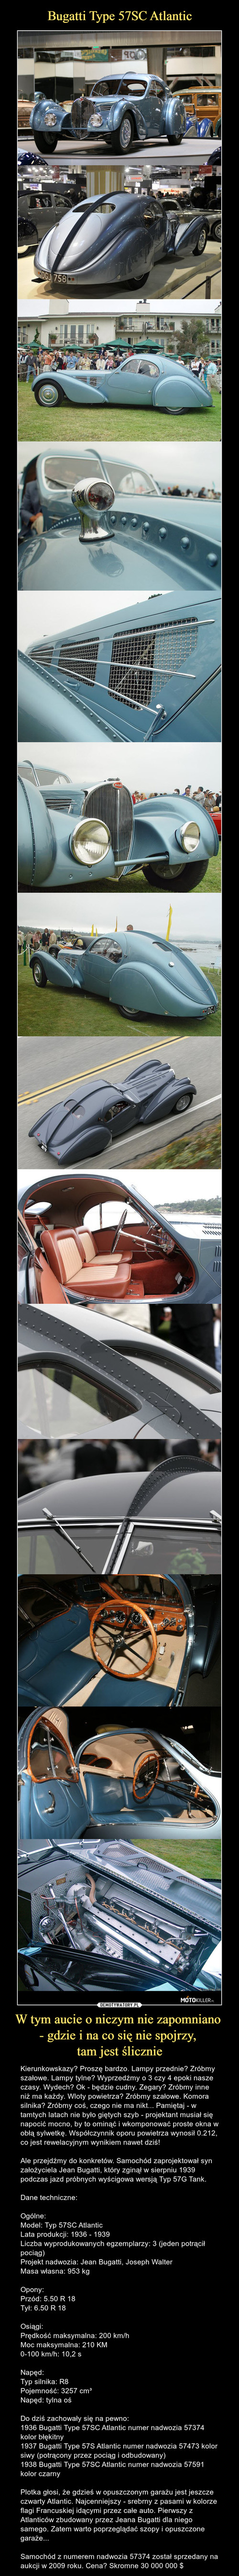 Bugatti Type 57SC Atlantic W tym aucie o niczym nie zapomniano  - gdzie i na co się nie spojrzy,  tam jest ślicznie